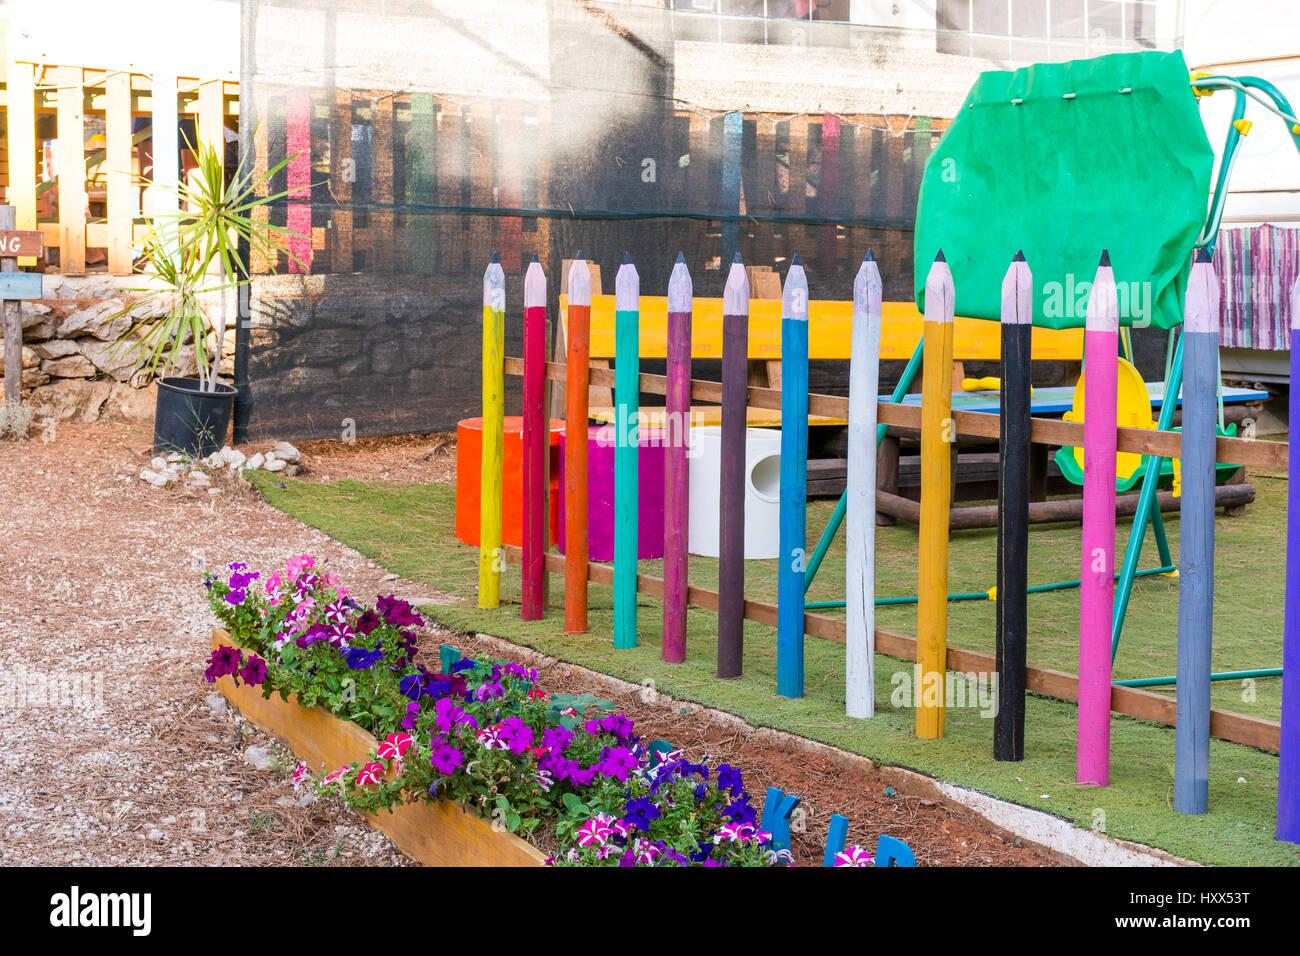 Zona De Juegos Para Ninos Con Lapices De Colores A La Valla En El